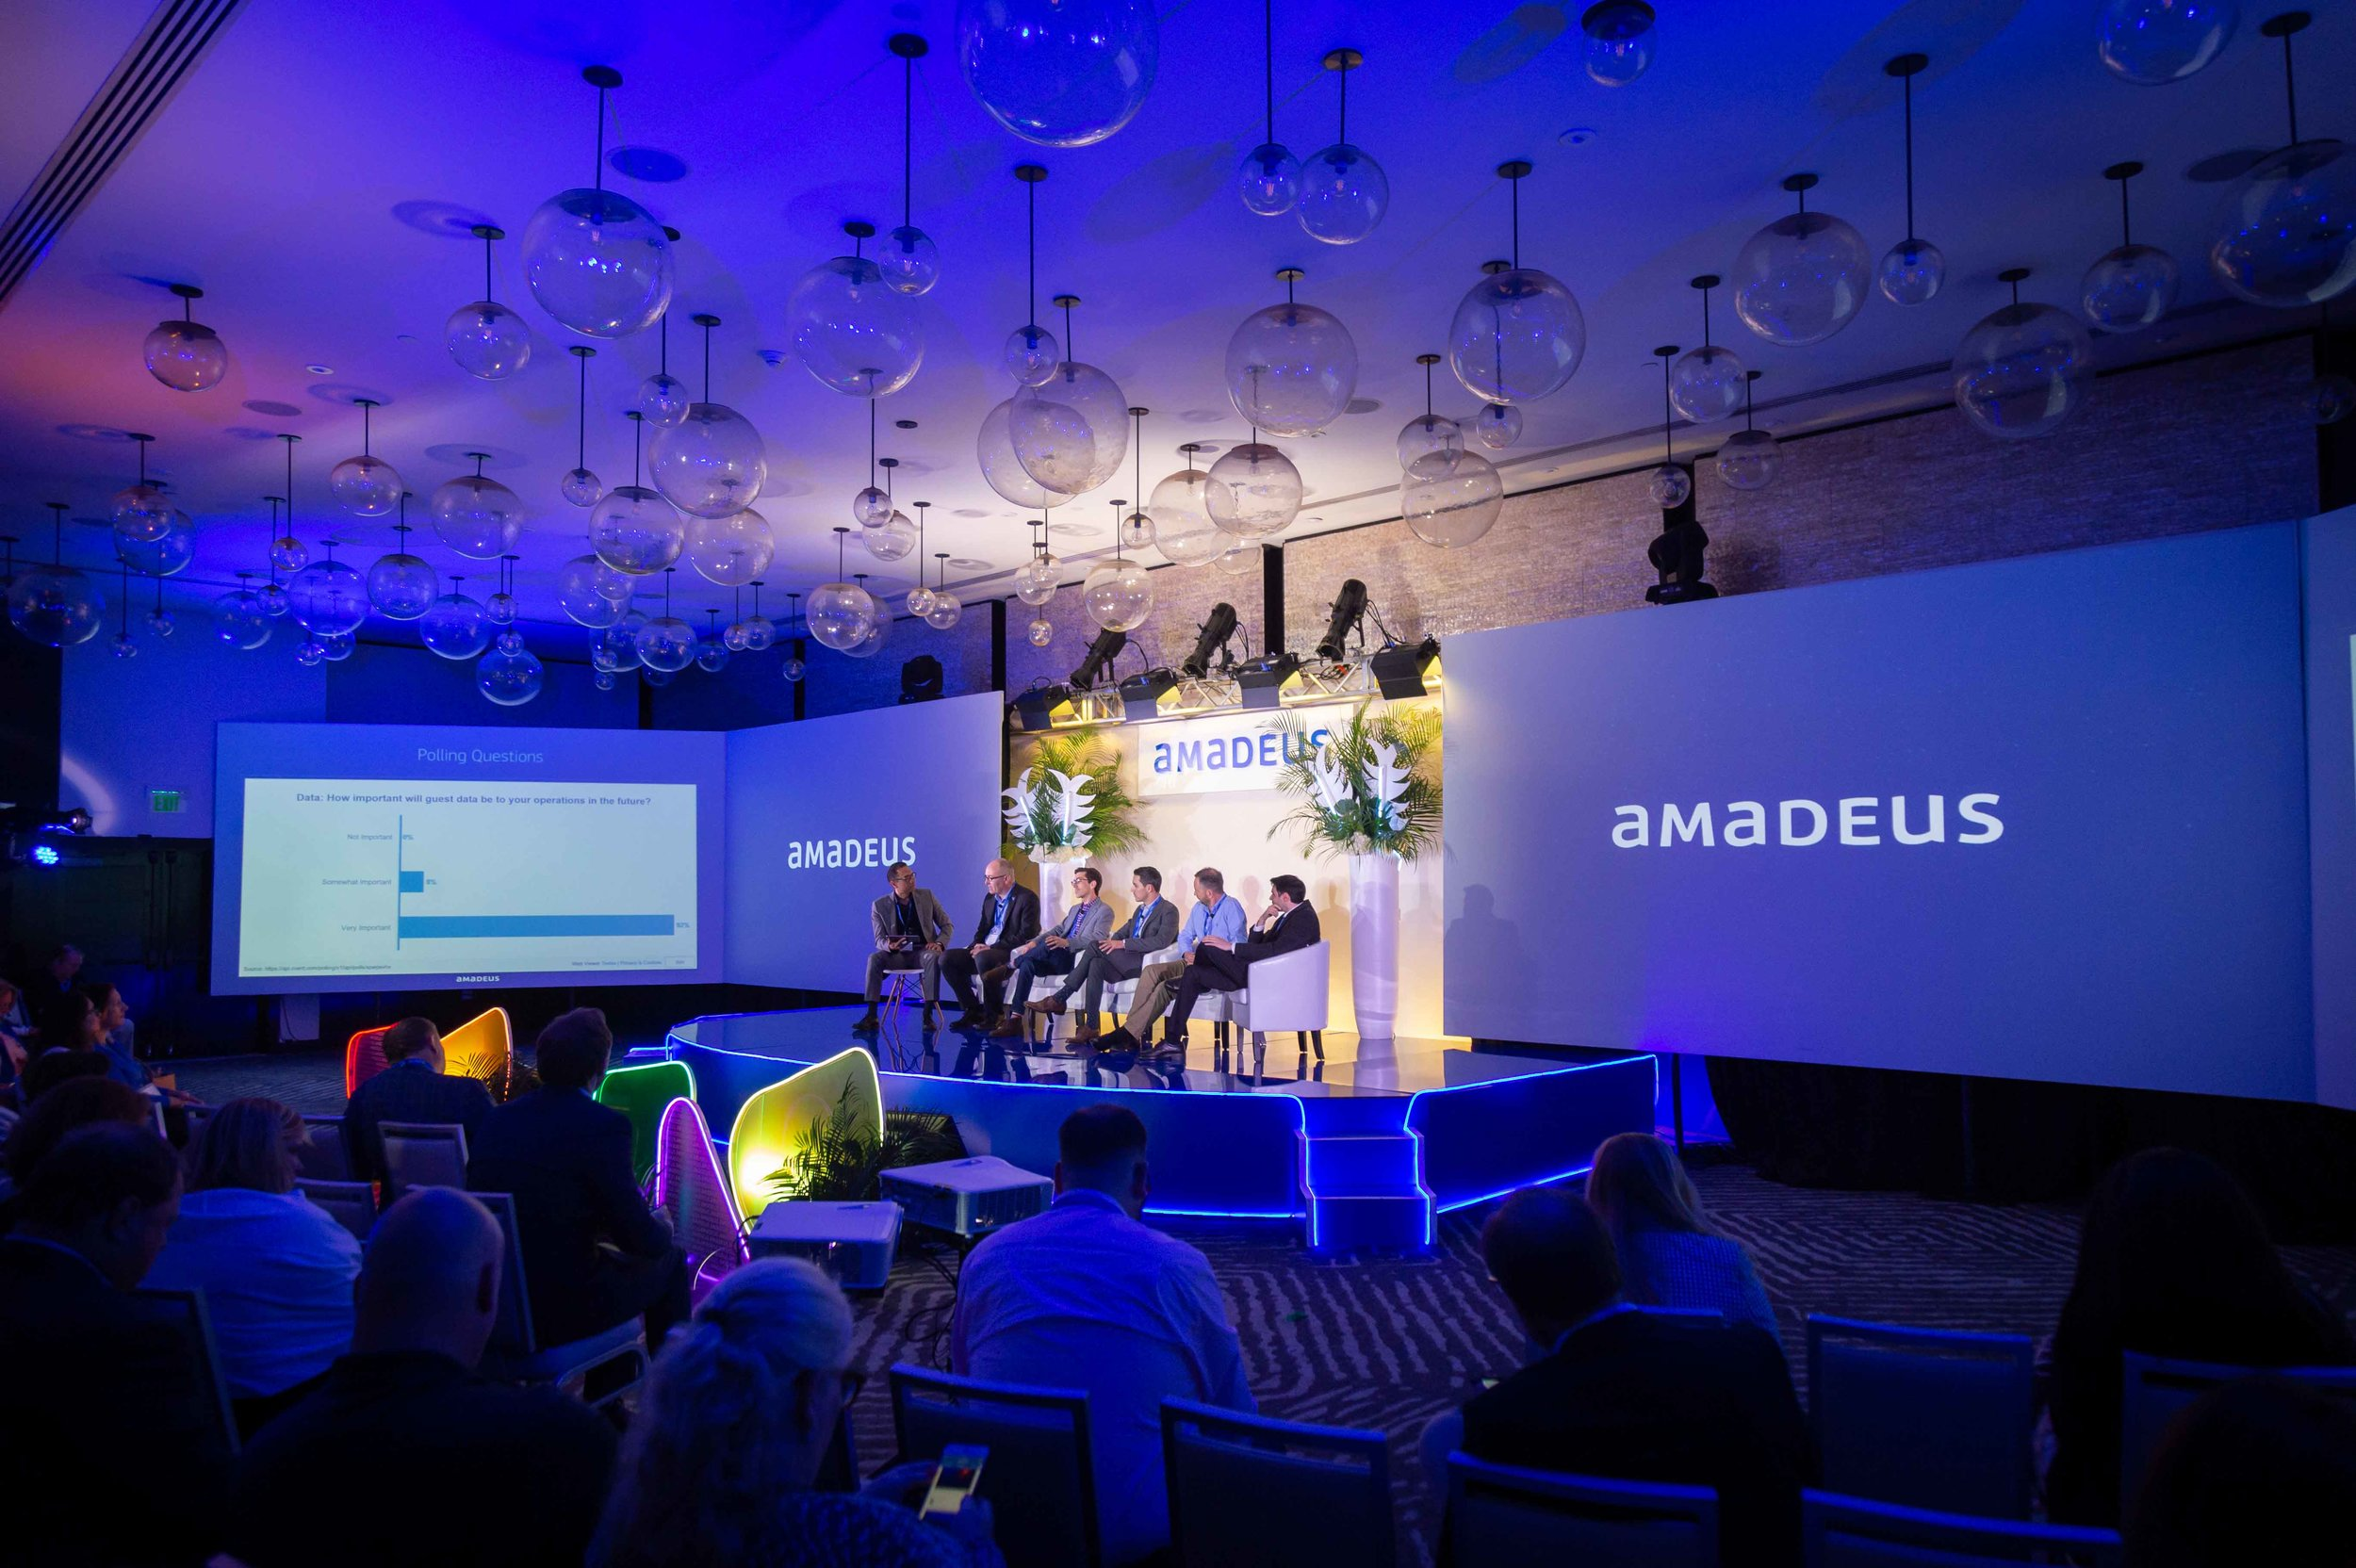 132-malloy-events-miami-conference-by-brianadamsphoto.com.jpg